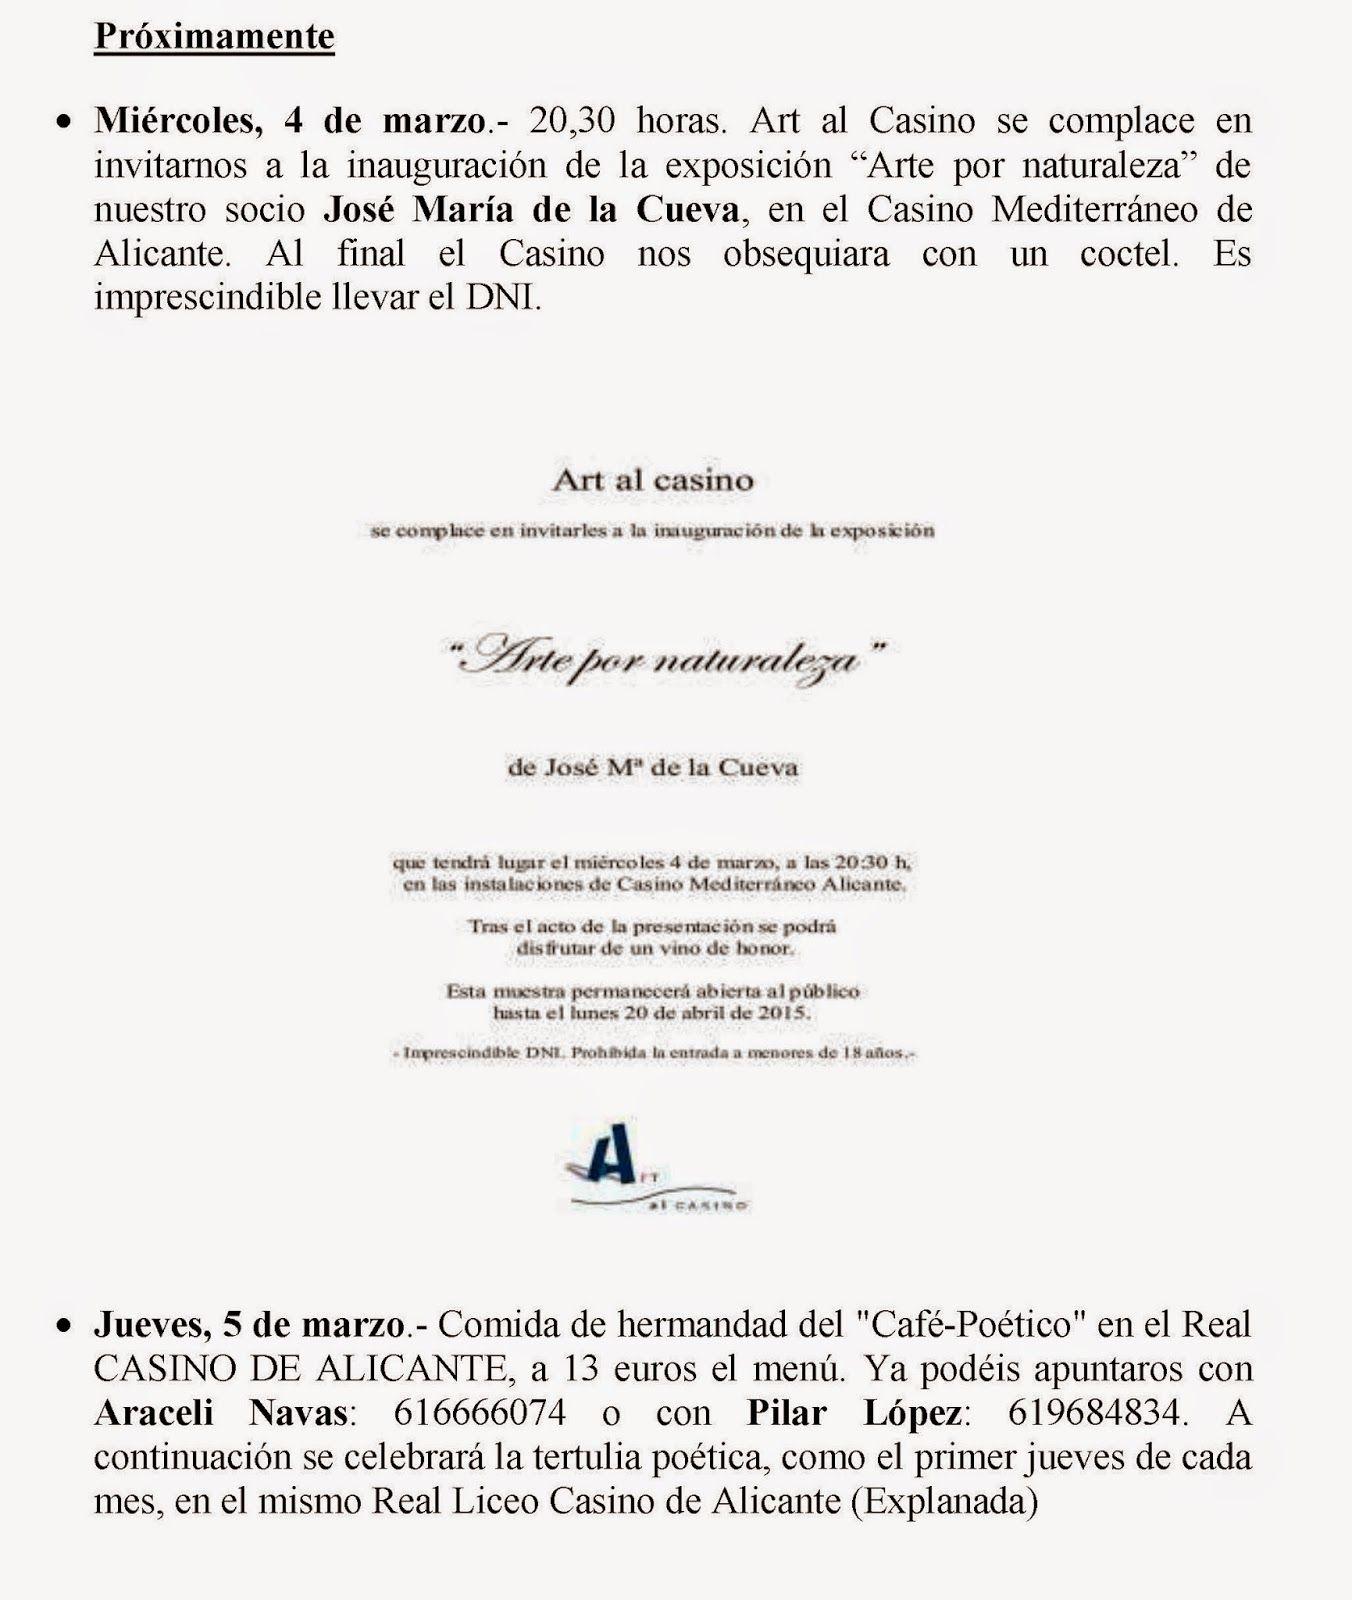 Espejo De Alicante Circular Y Proximamente Marzo 2015 Circulo Marzo Escritores